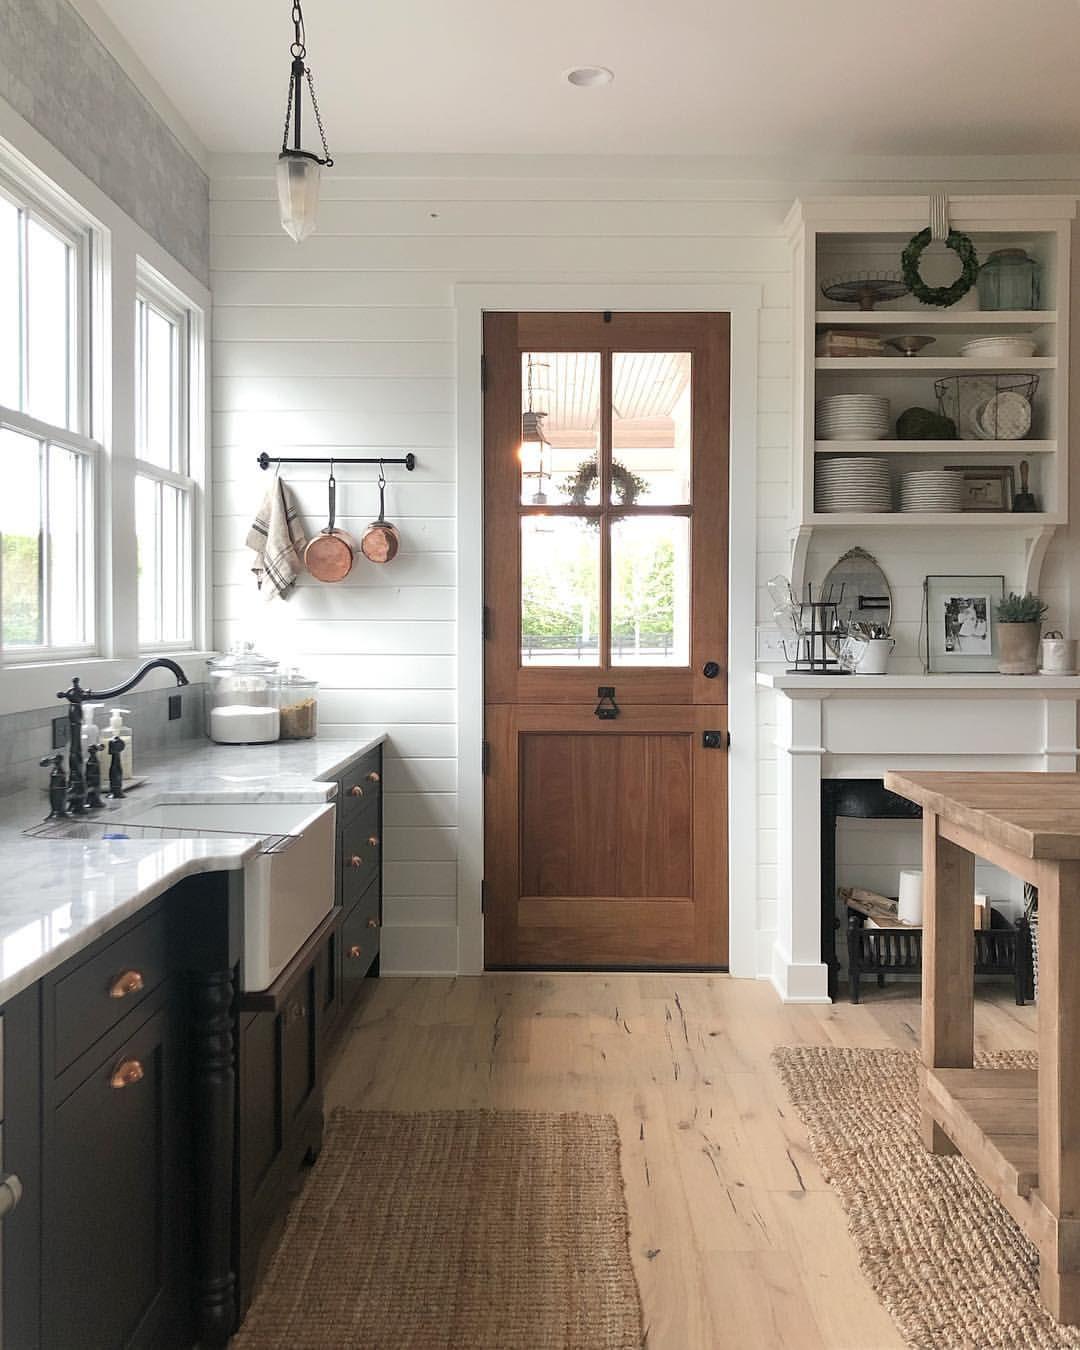 Pretty Evening Light Home Kitchens Home Home Decor